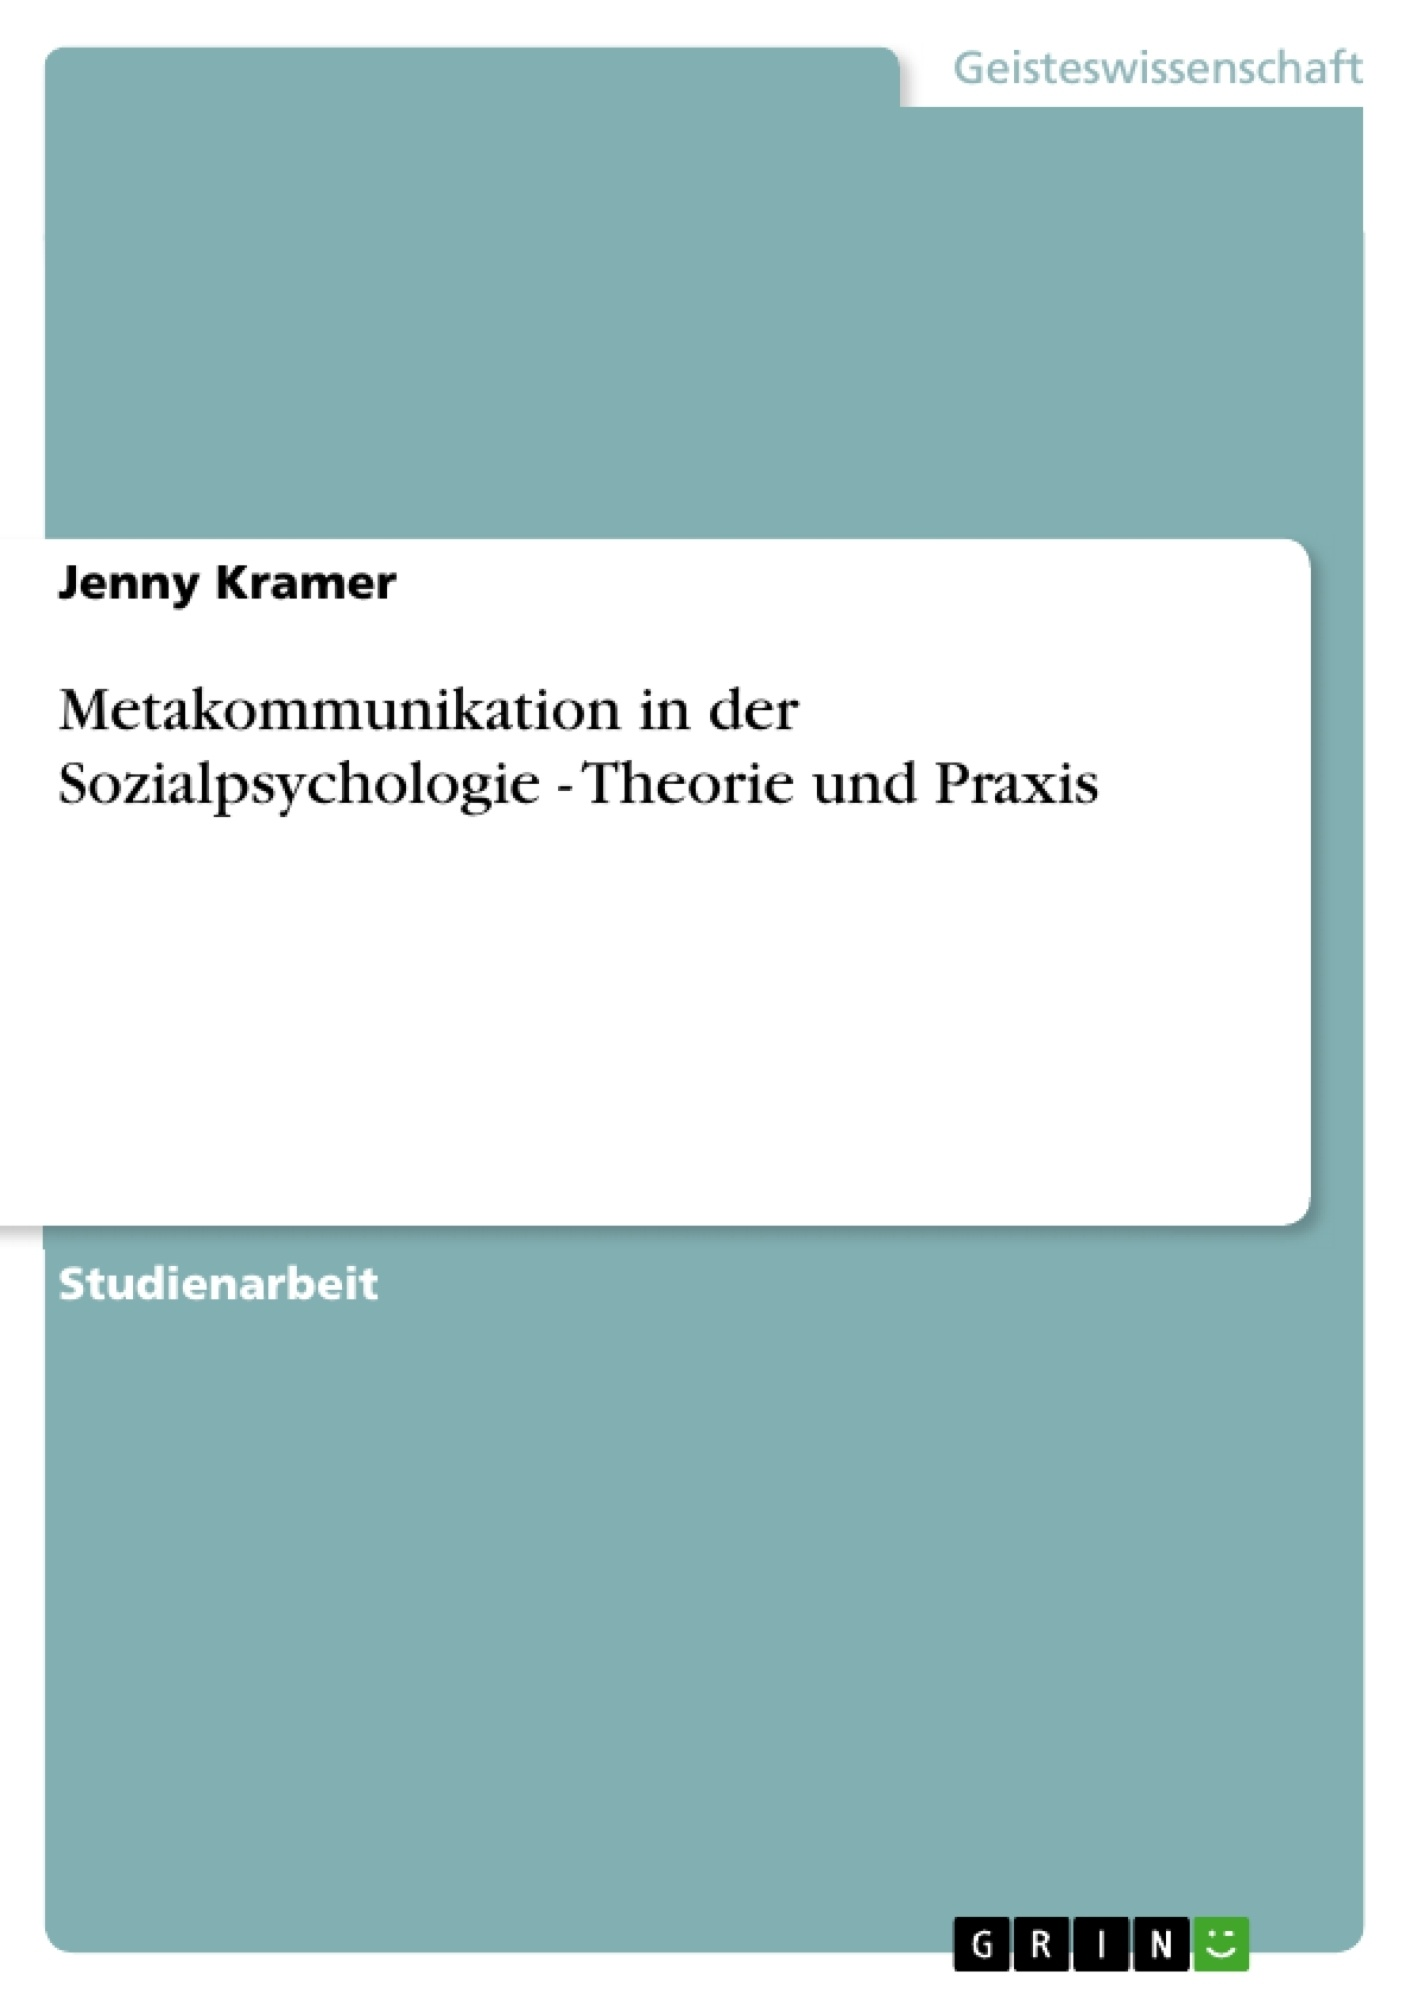 Metakommunikation in der Sozialpsychologie - Theorie und Praxis ...